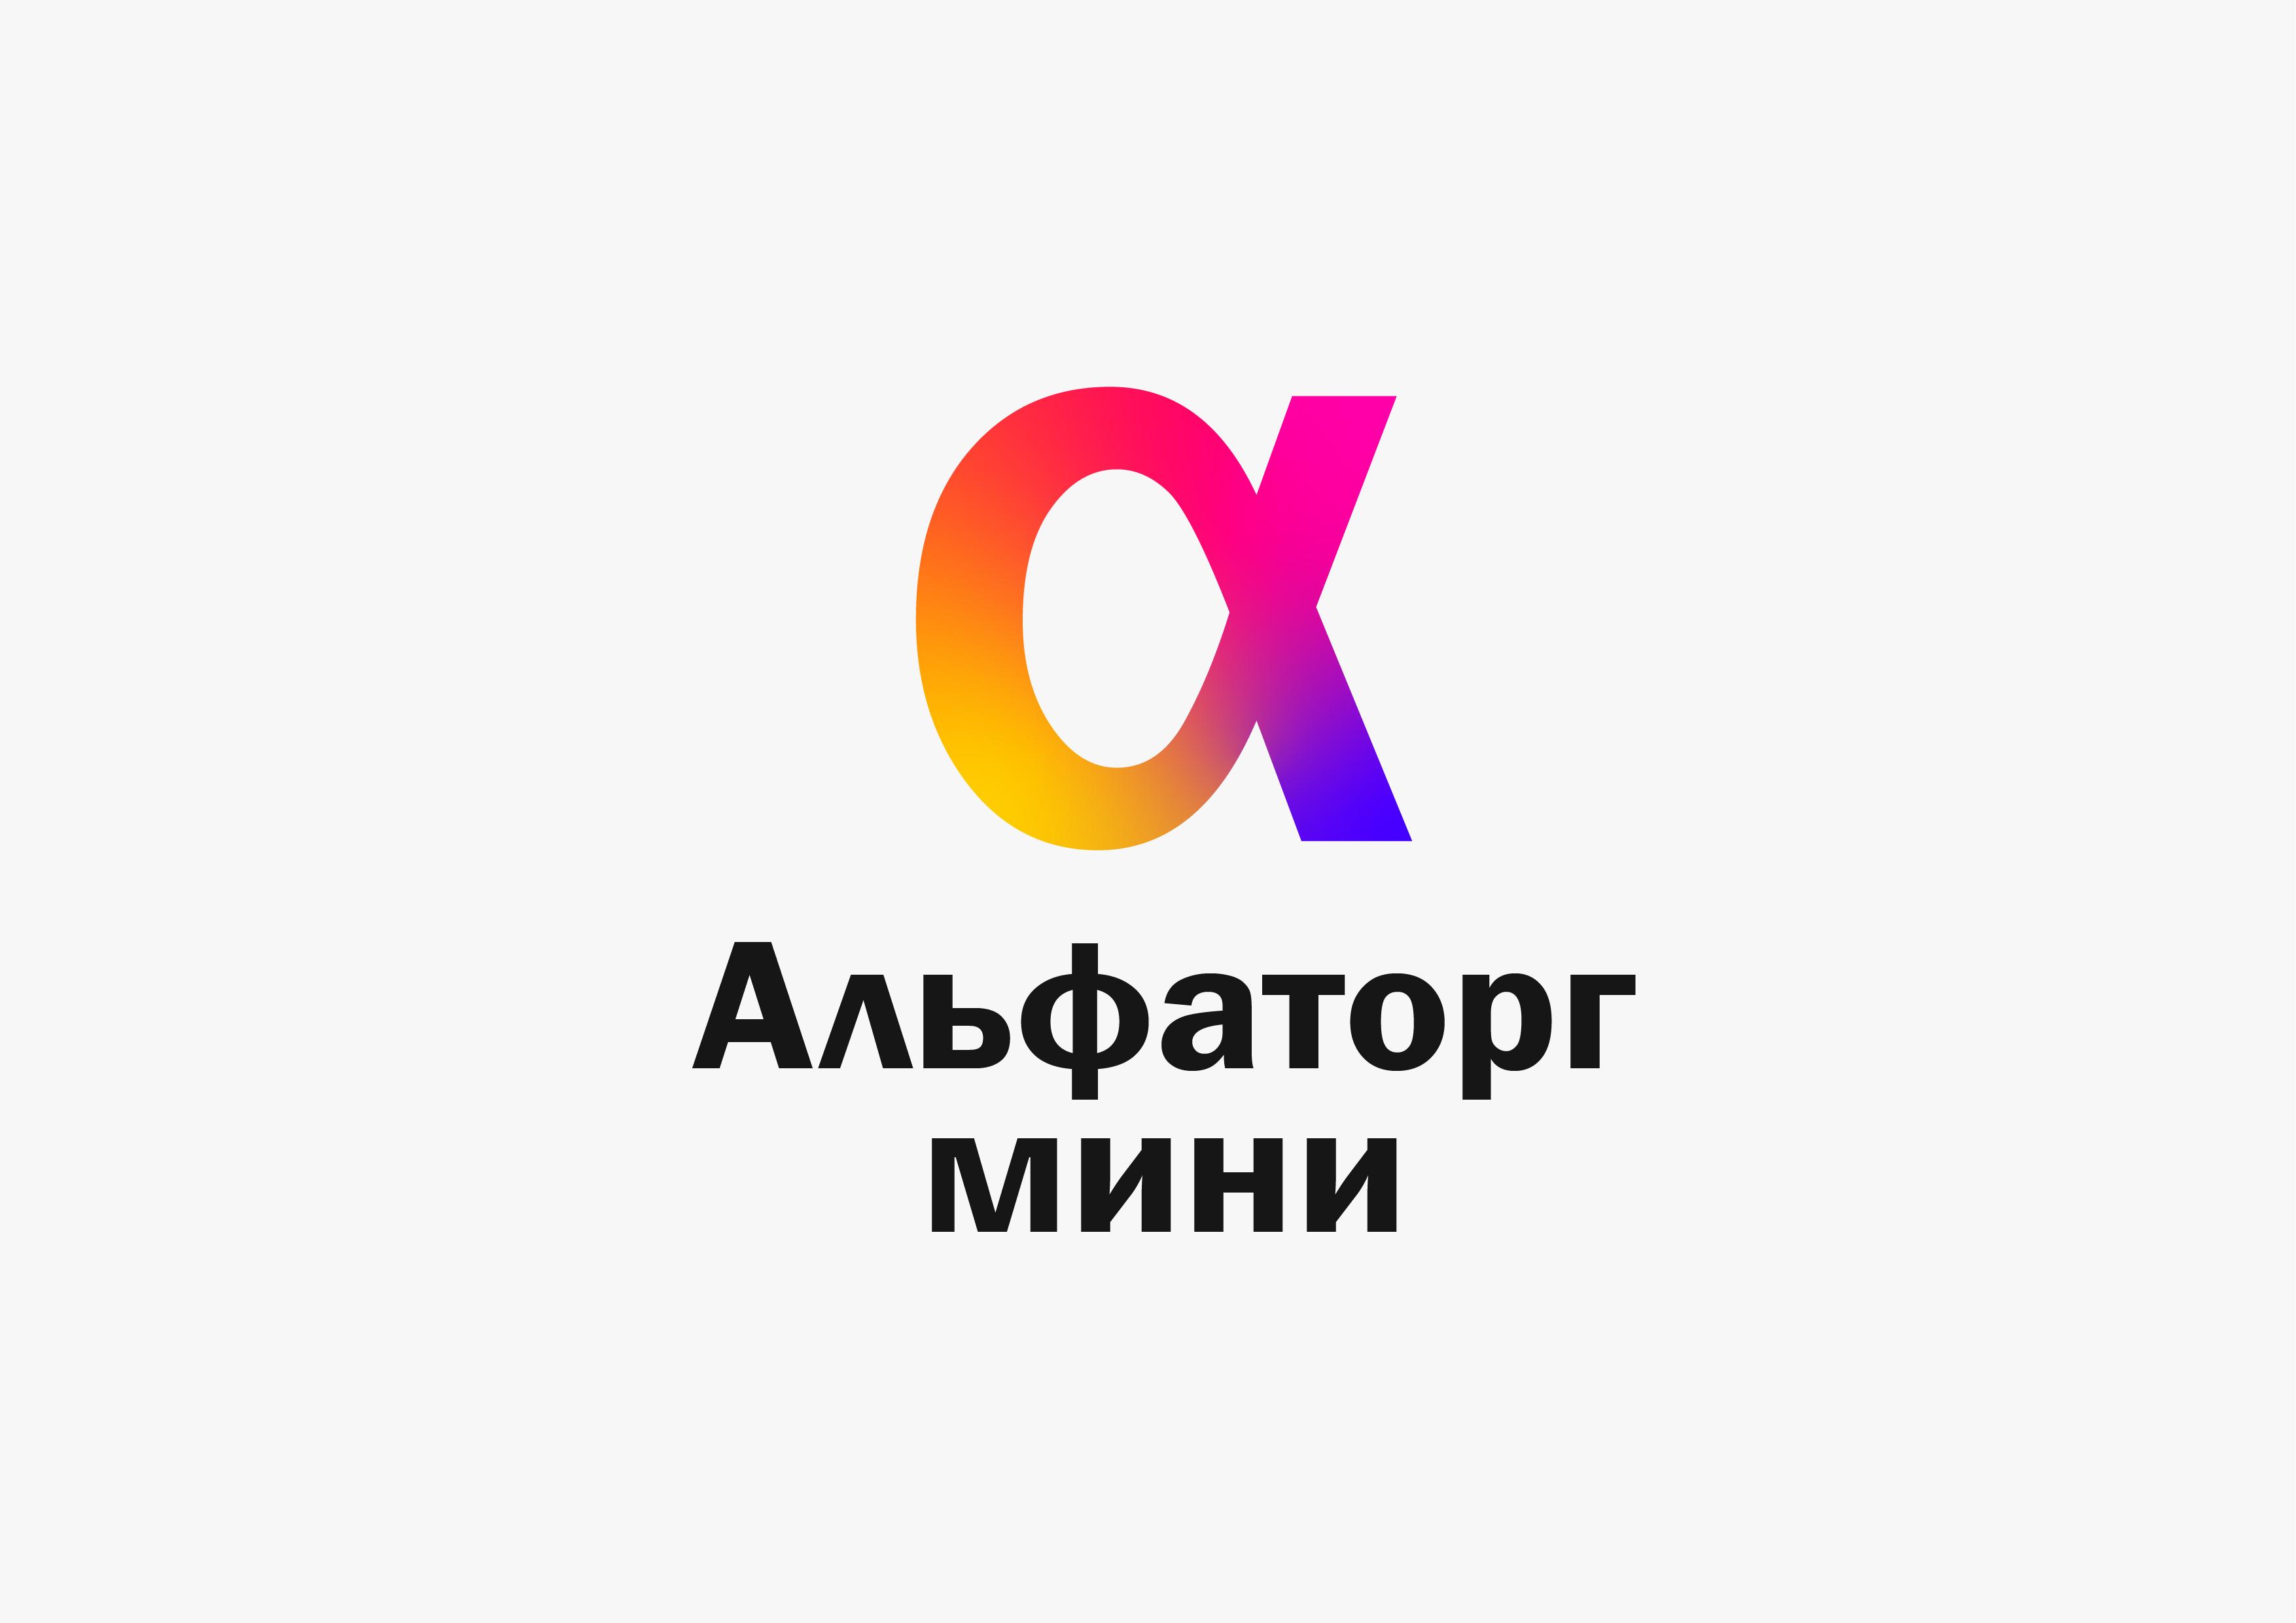 Логотип и фирменный стиль фото f_0125ef5a9e73d673.jpg